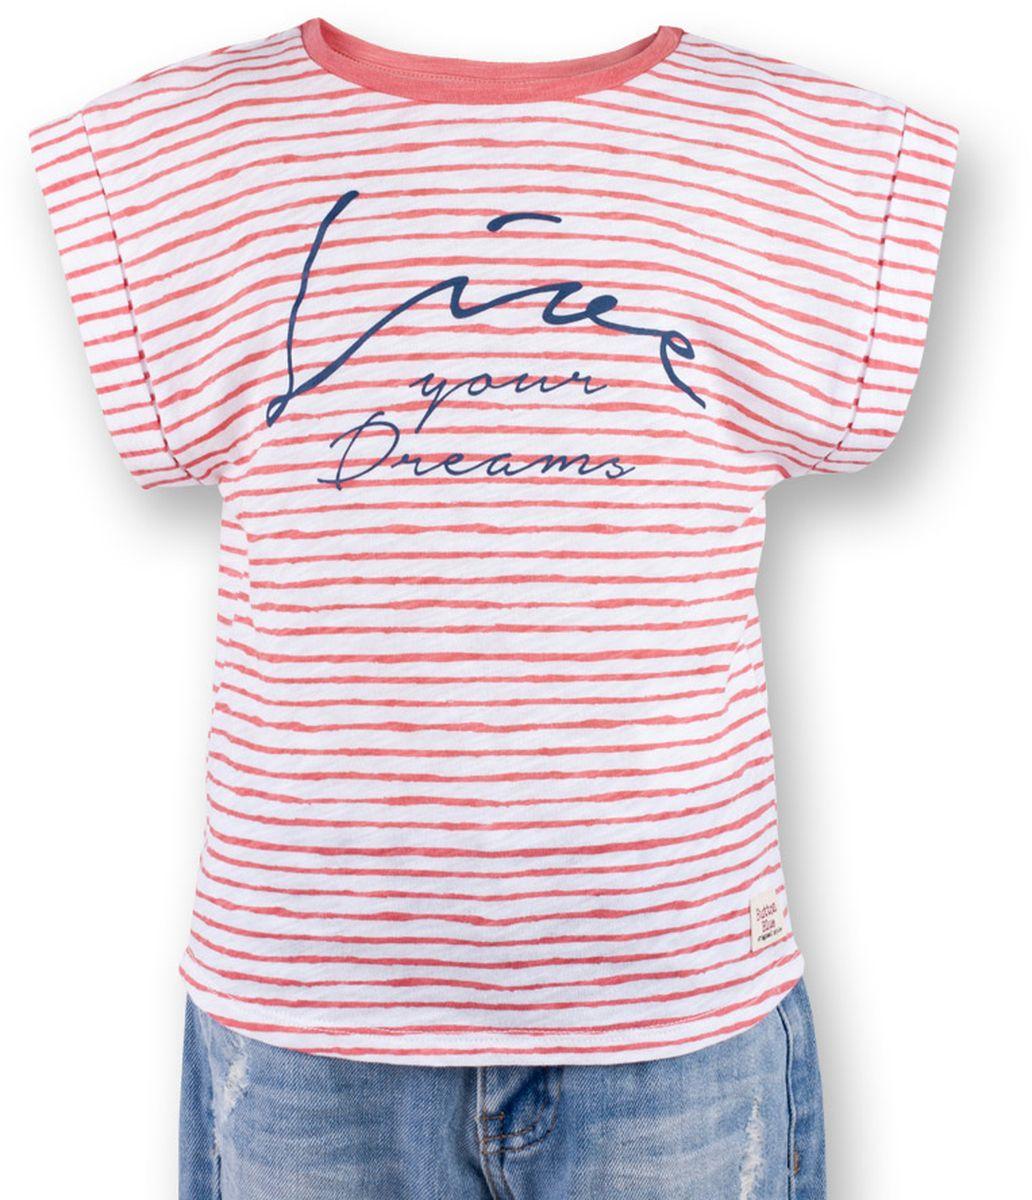 Футболка117BBGC12022205Полосатая футболка - не только базовая вещь в гардеробе ребенка, но и залог хорошего летнего настроения! Если вы решили купить футболку для девочки, выберете модель футболки в полоску с оригинальным принтом, и ваш ребенок будет доволен! Низкая цена не окажет влияния на бюджет семьи, позволив создать яркий базовый гардероб для долгожданных каникул!